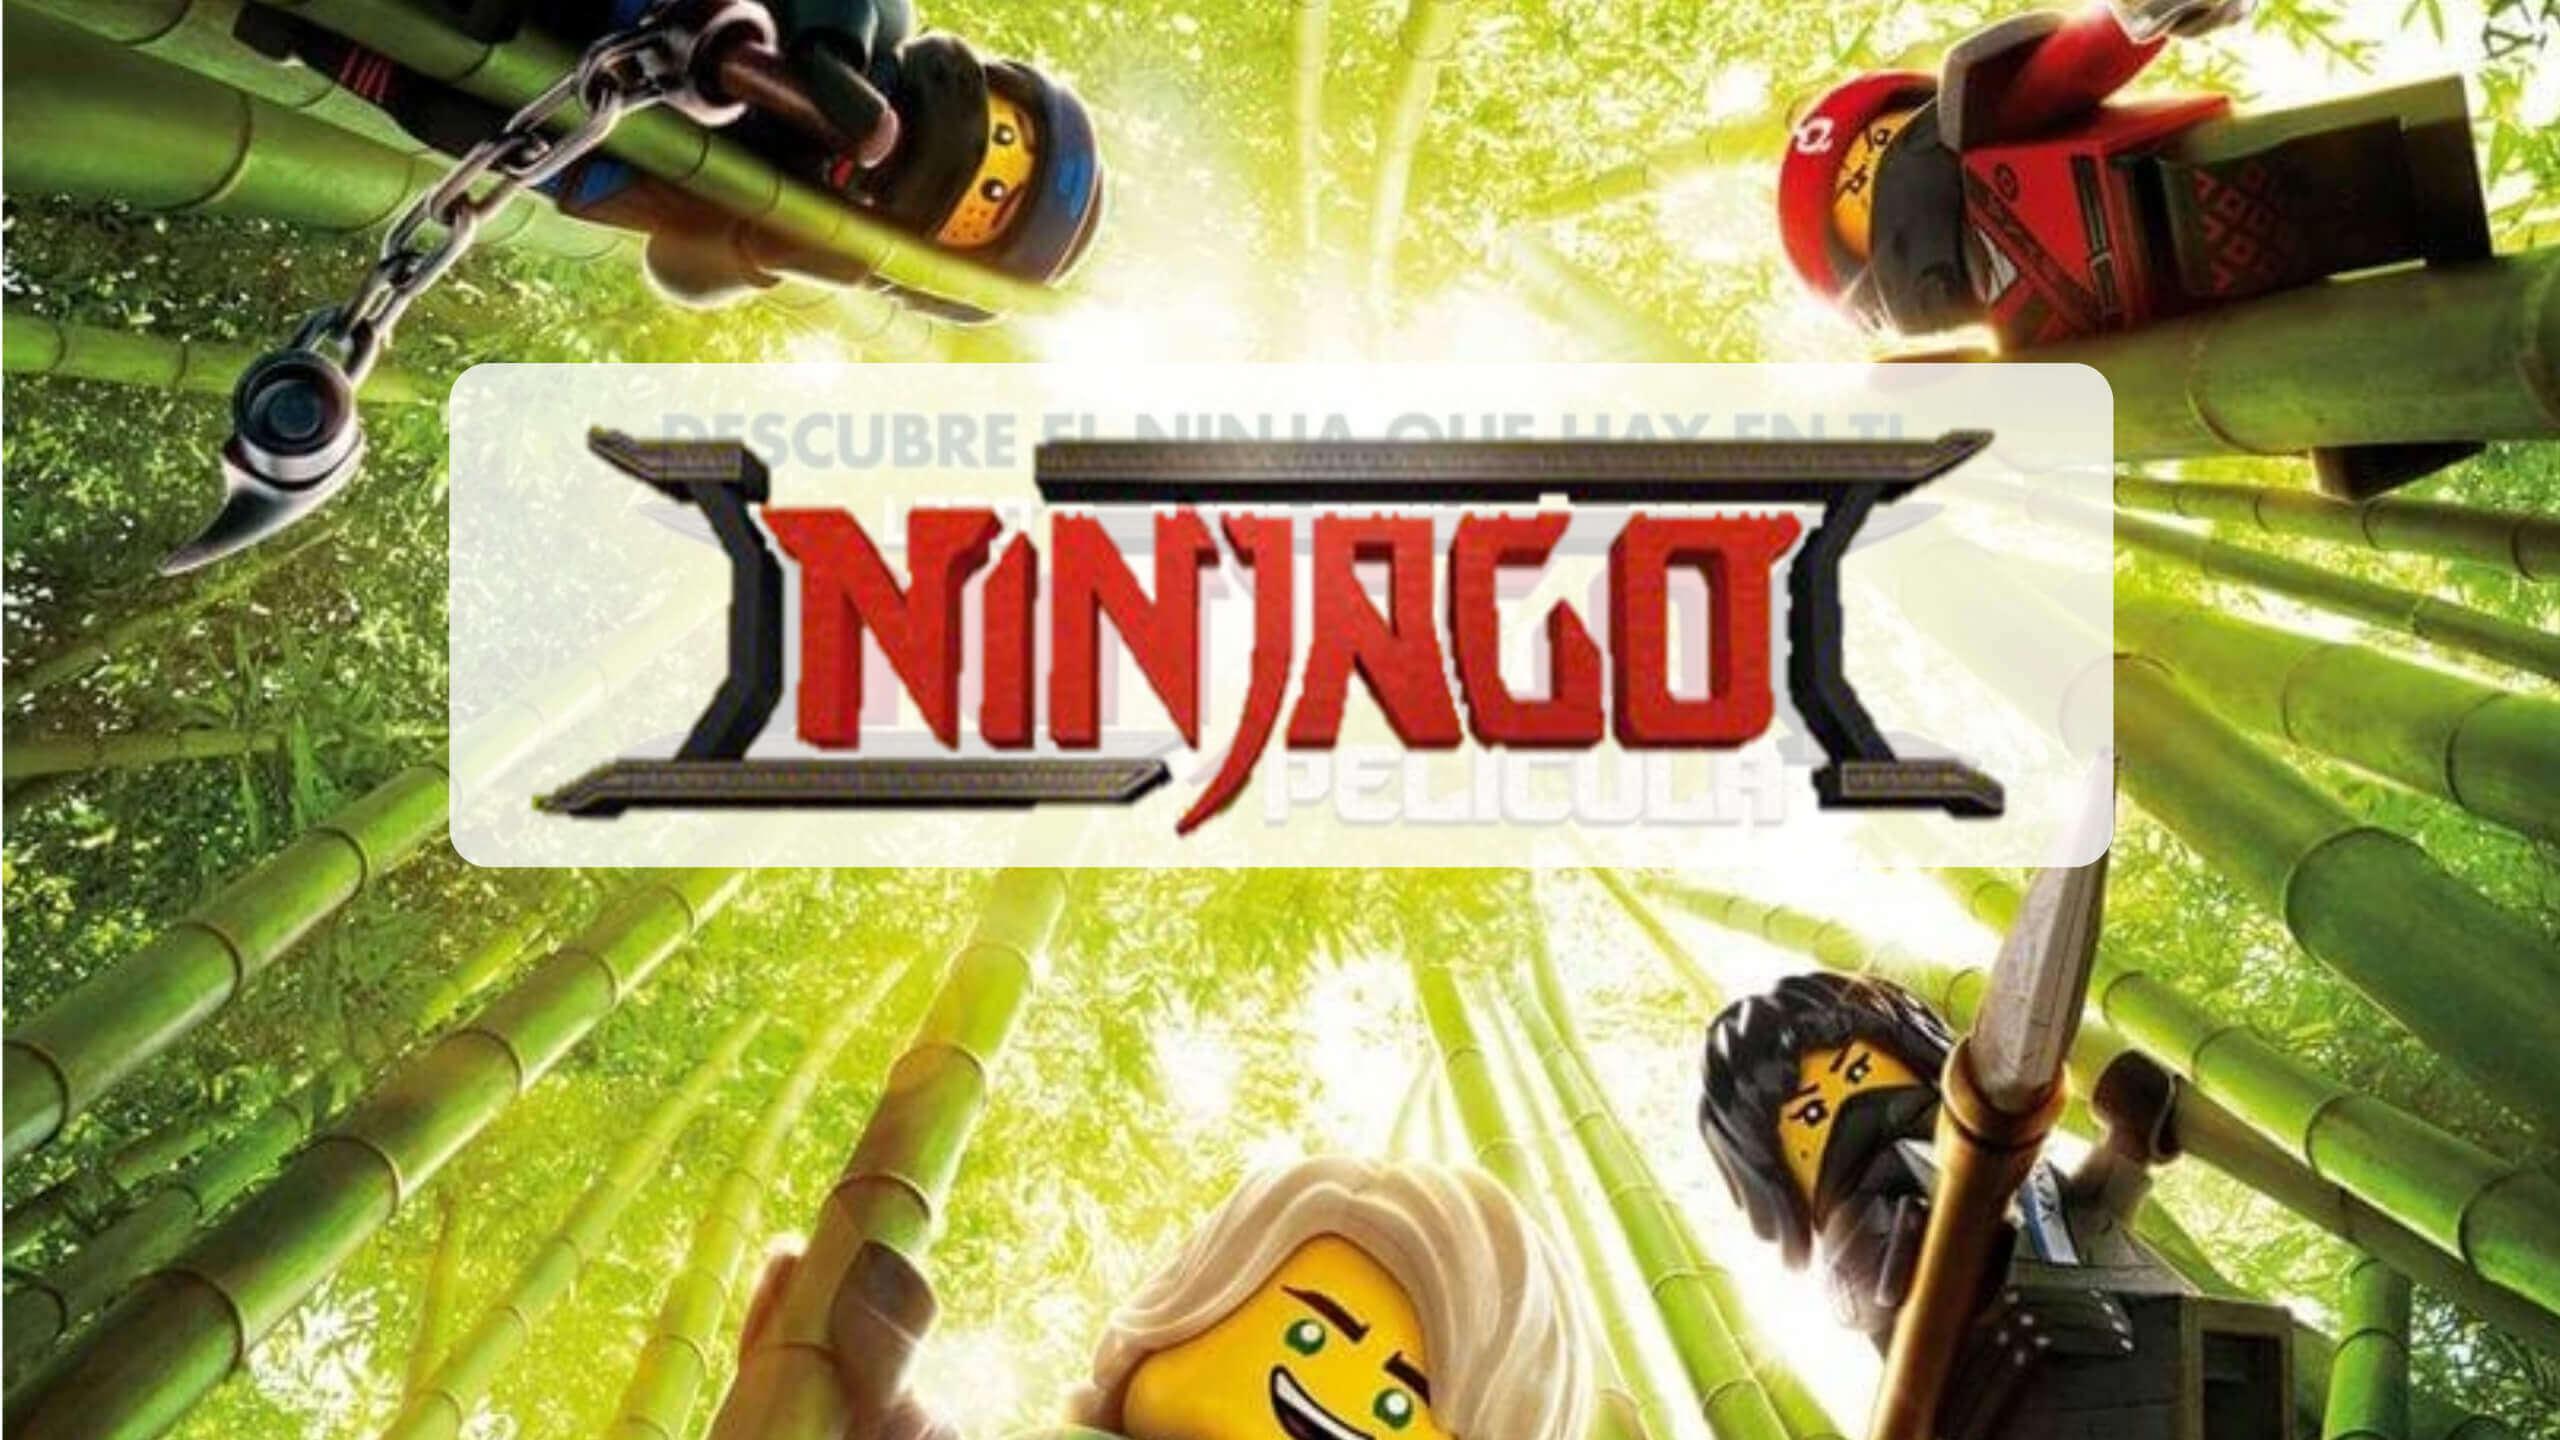 portada reseña crítica cine niños lego ninjago